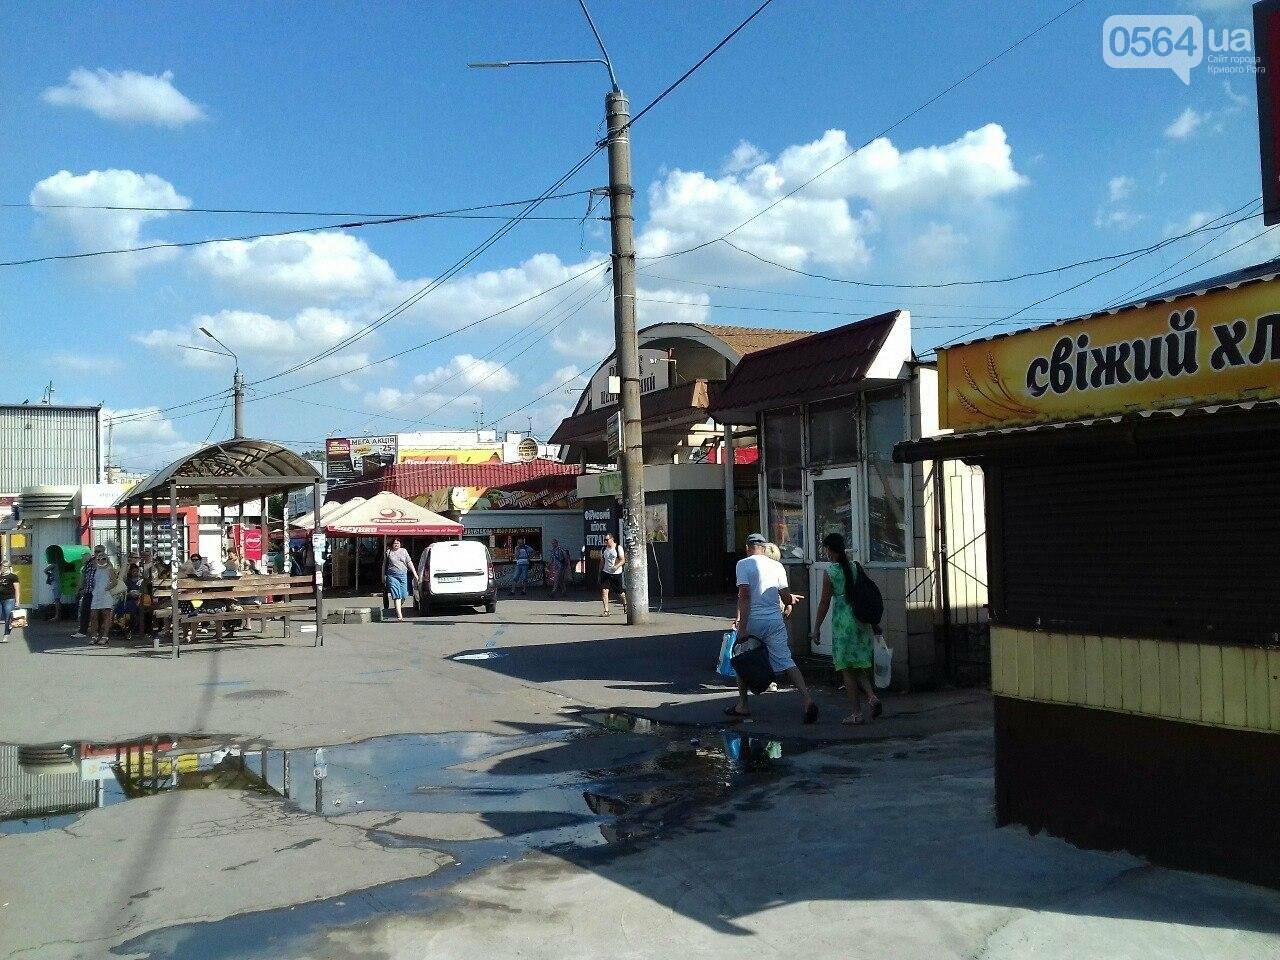 """Экстрим: Как возле """"Центрального рынка"""" Кривого Рога горожан убедили в полезности защитных масок, - ФОТО, фото-7"""